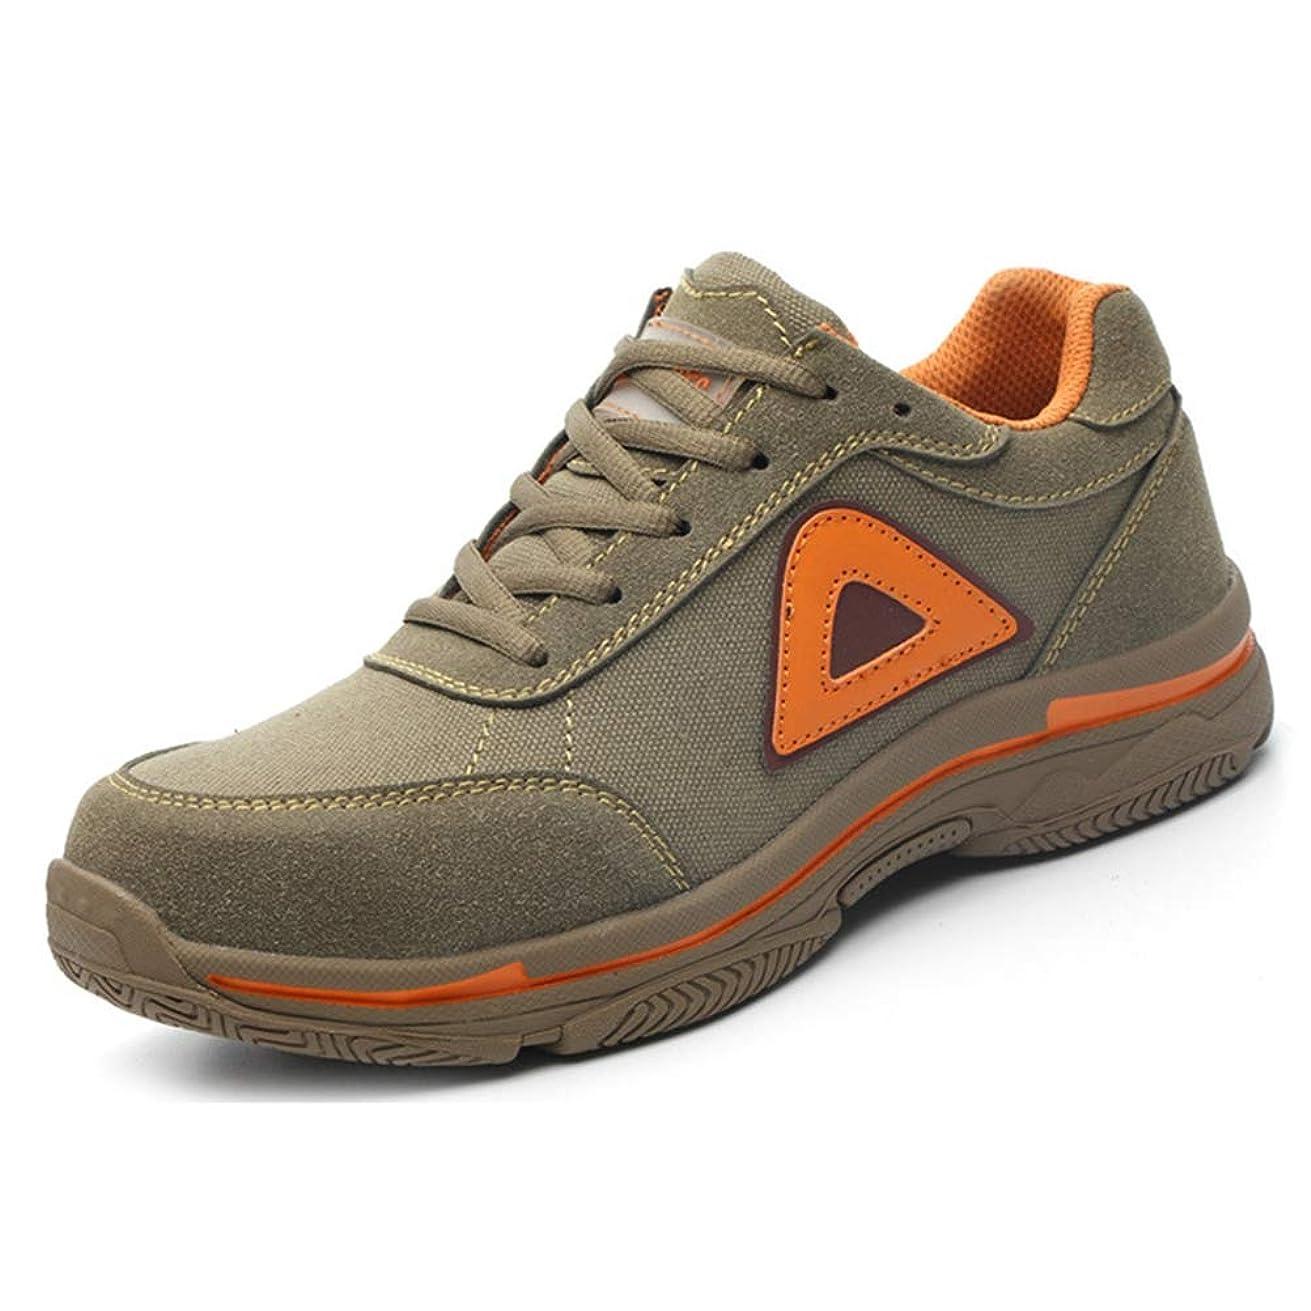 リビジョン系統的ほのめかす[Estoni] スニーカー カジュアルシューズ メンズ 作業靴 安全靴 レースアップ ローカット 耐滑 スエード 撥水加工 鋼製先芯入り 工事現場 仕事 フォーマル 絶縁 耐電靴 セーフティーシューズ